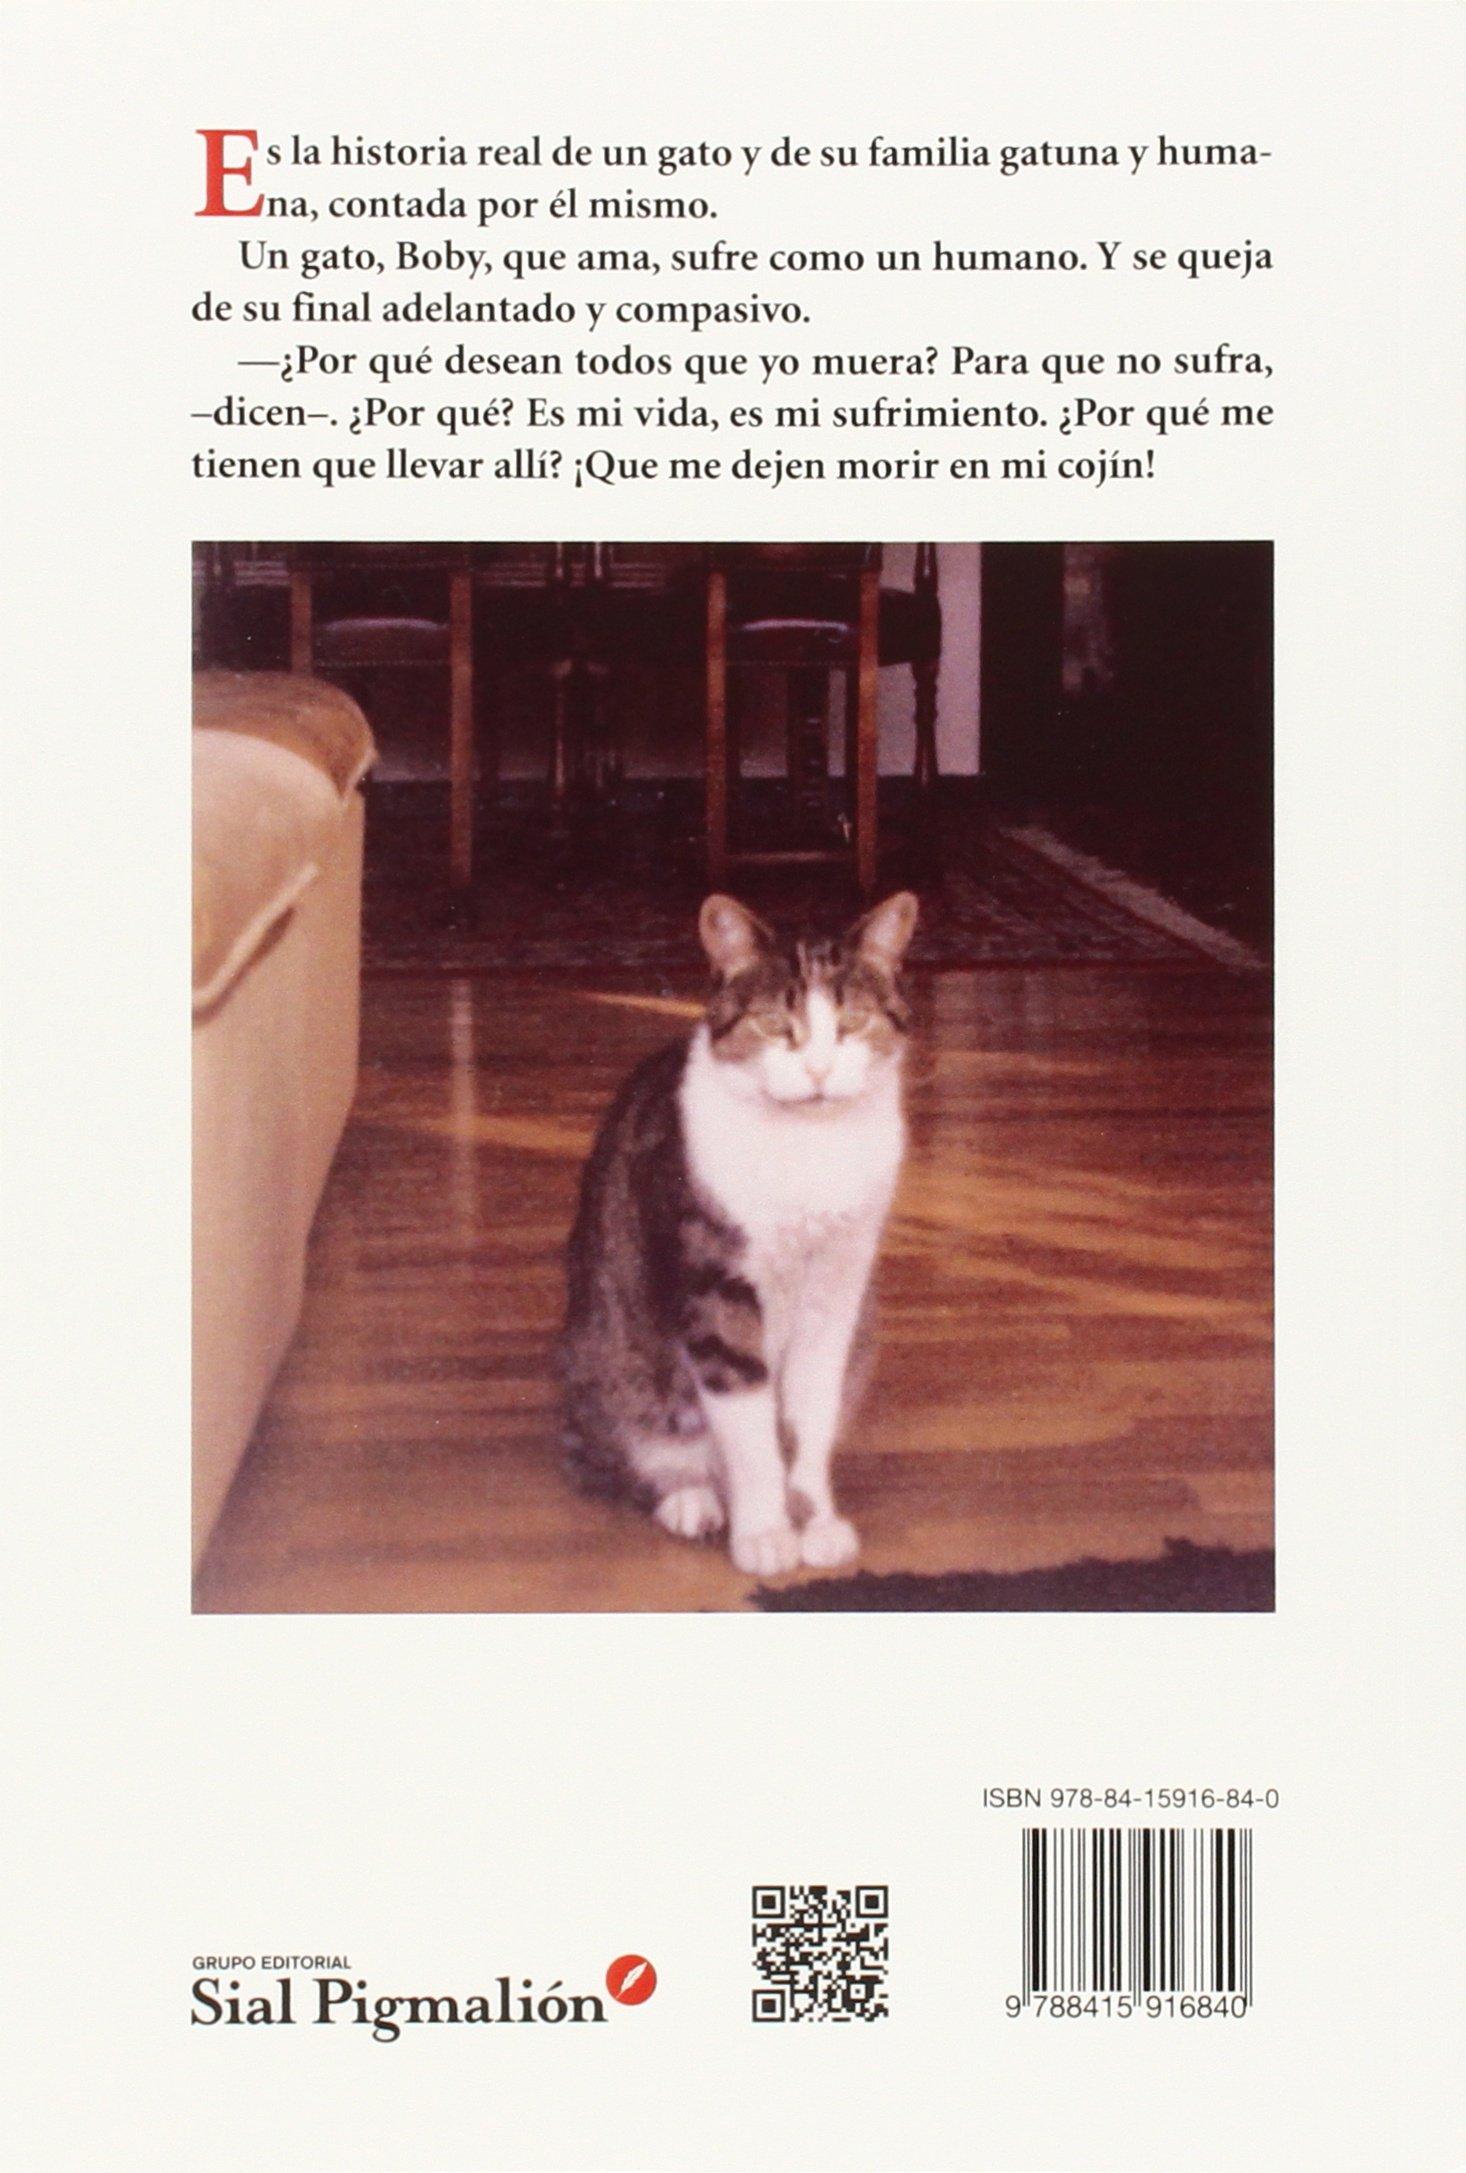 Solo soy un gato: Ángeles Valero Lasheras: 9788415916840: Amazon.com: Books